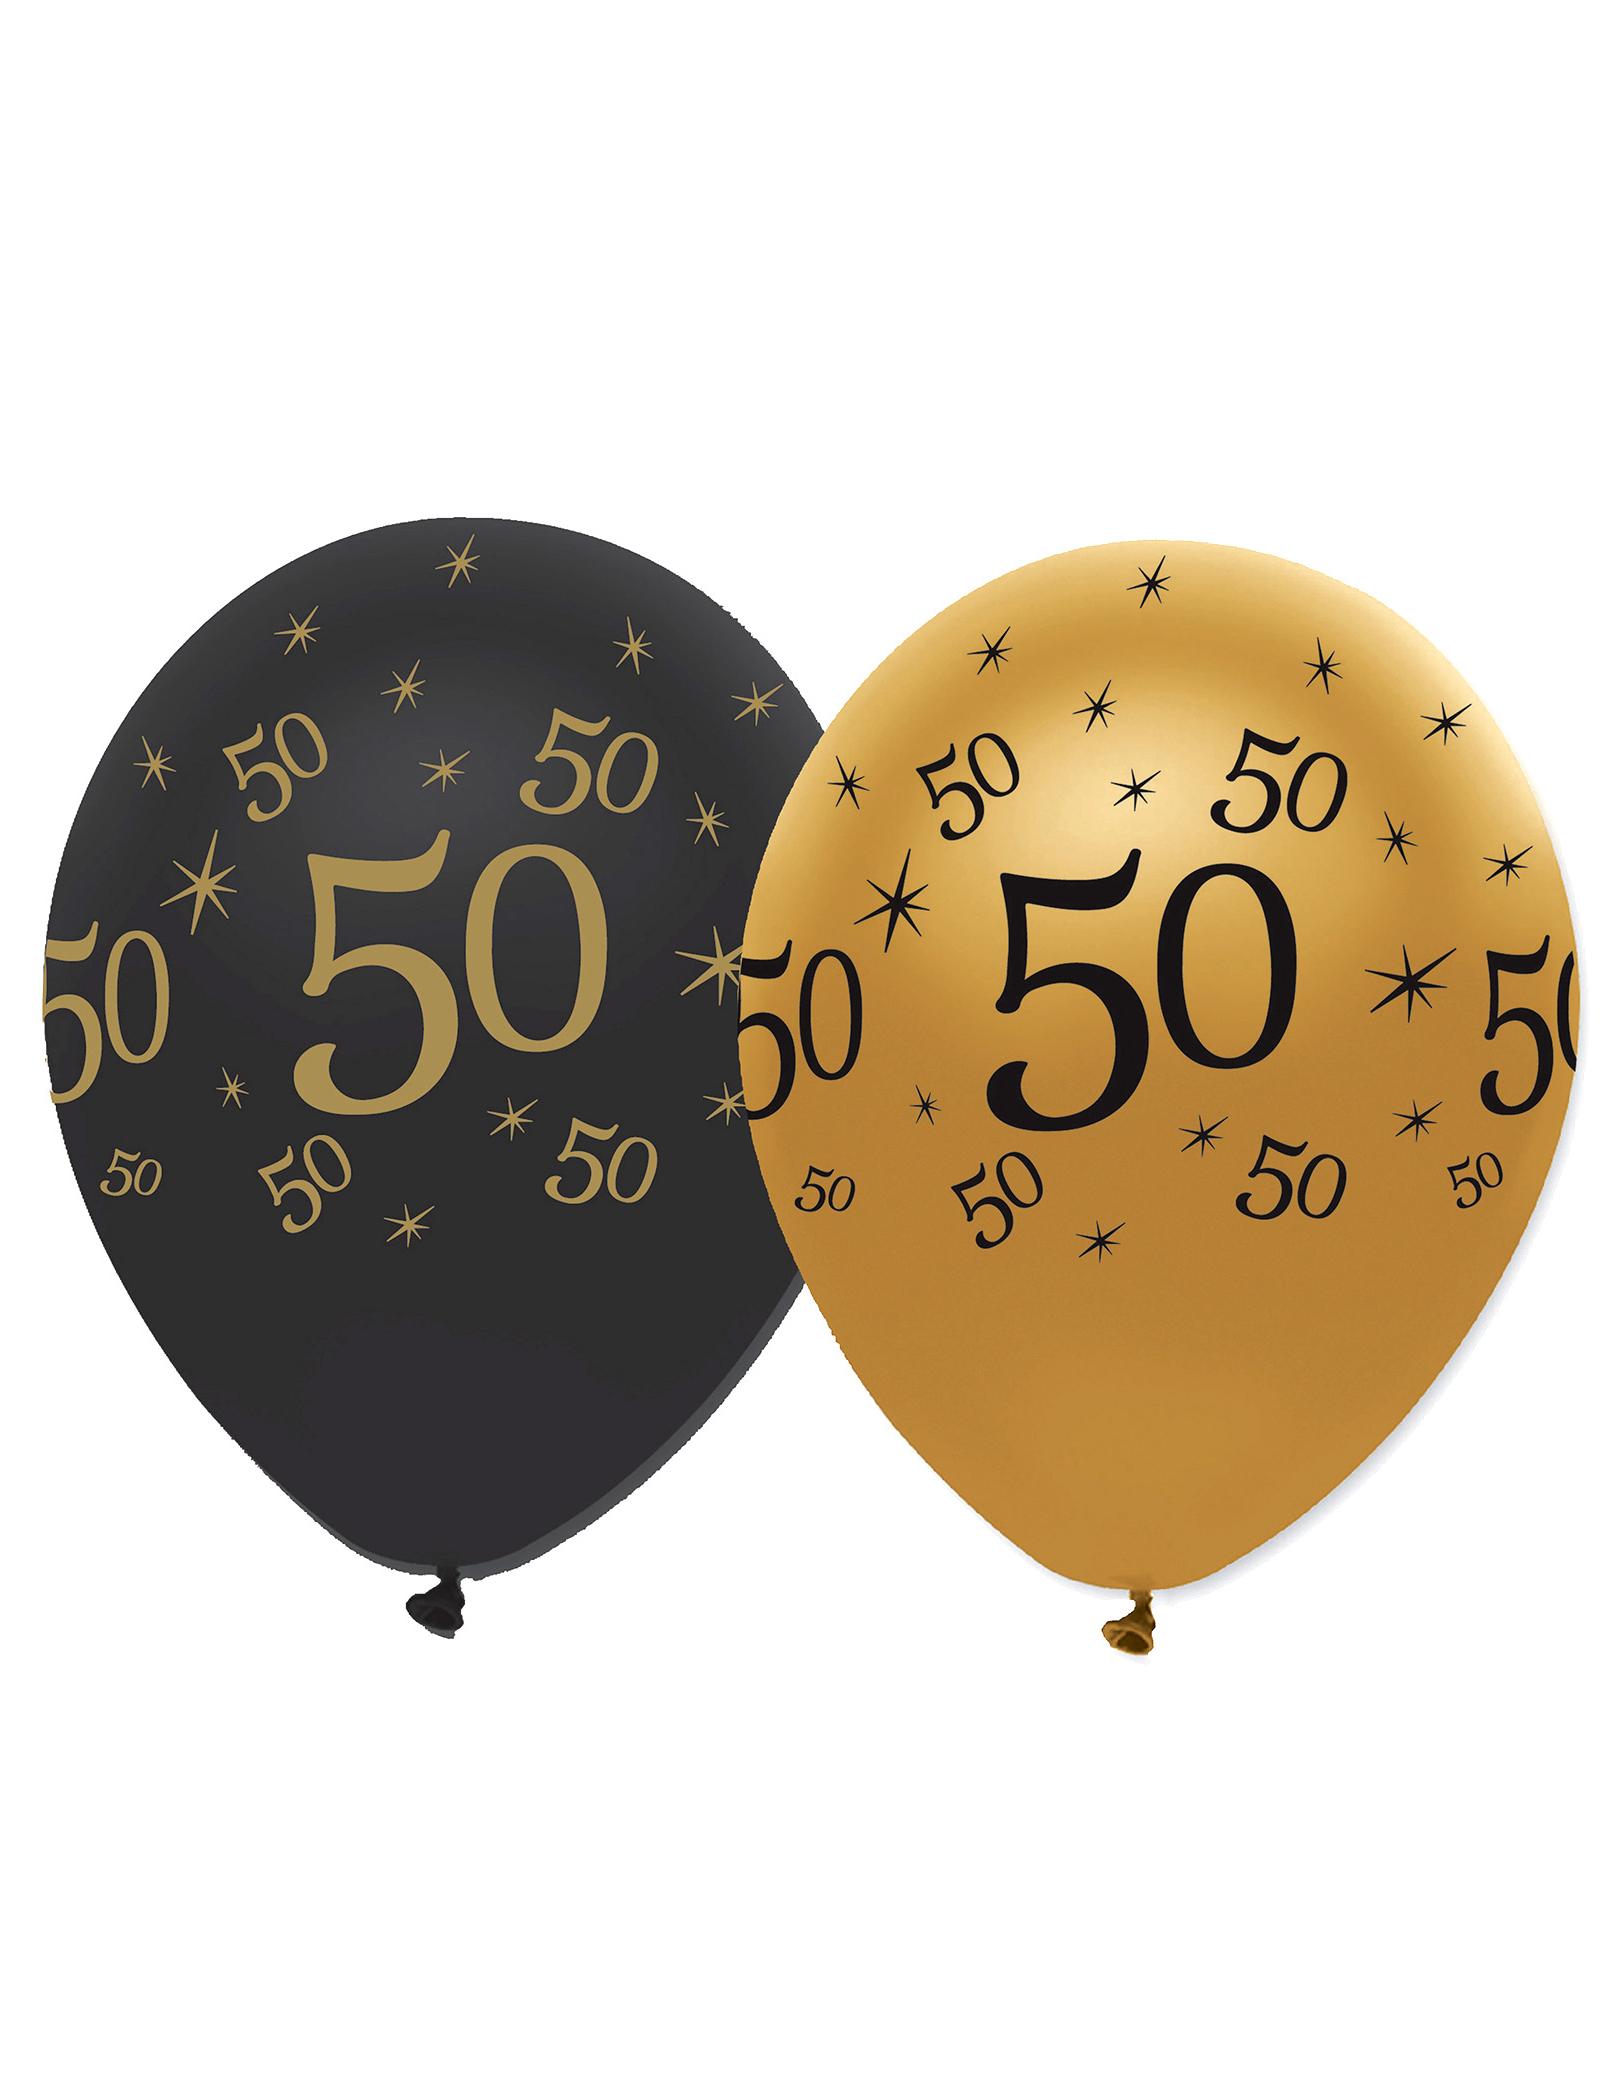 6 ballons noir et or en latex 50 ans achat de decoration animation sur vegaoopro grossiste. Black Bedroom Furniture Sets. Home Design Ideas